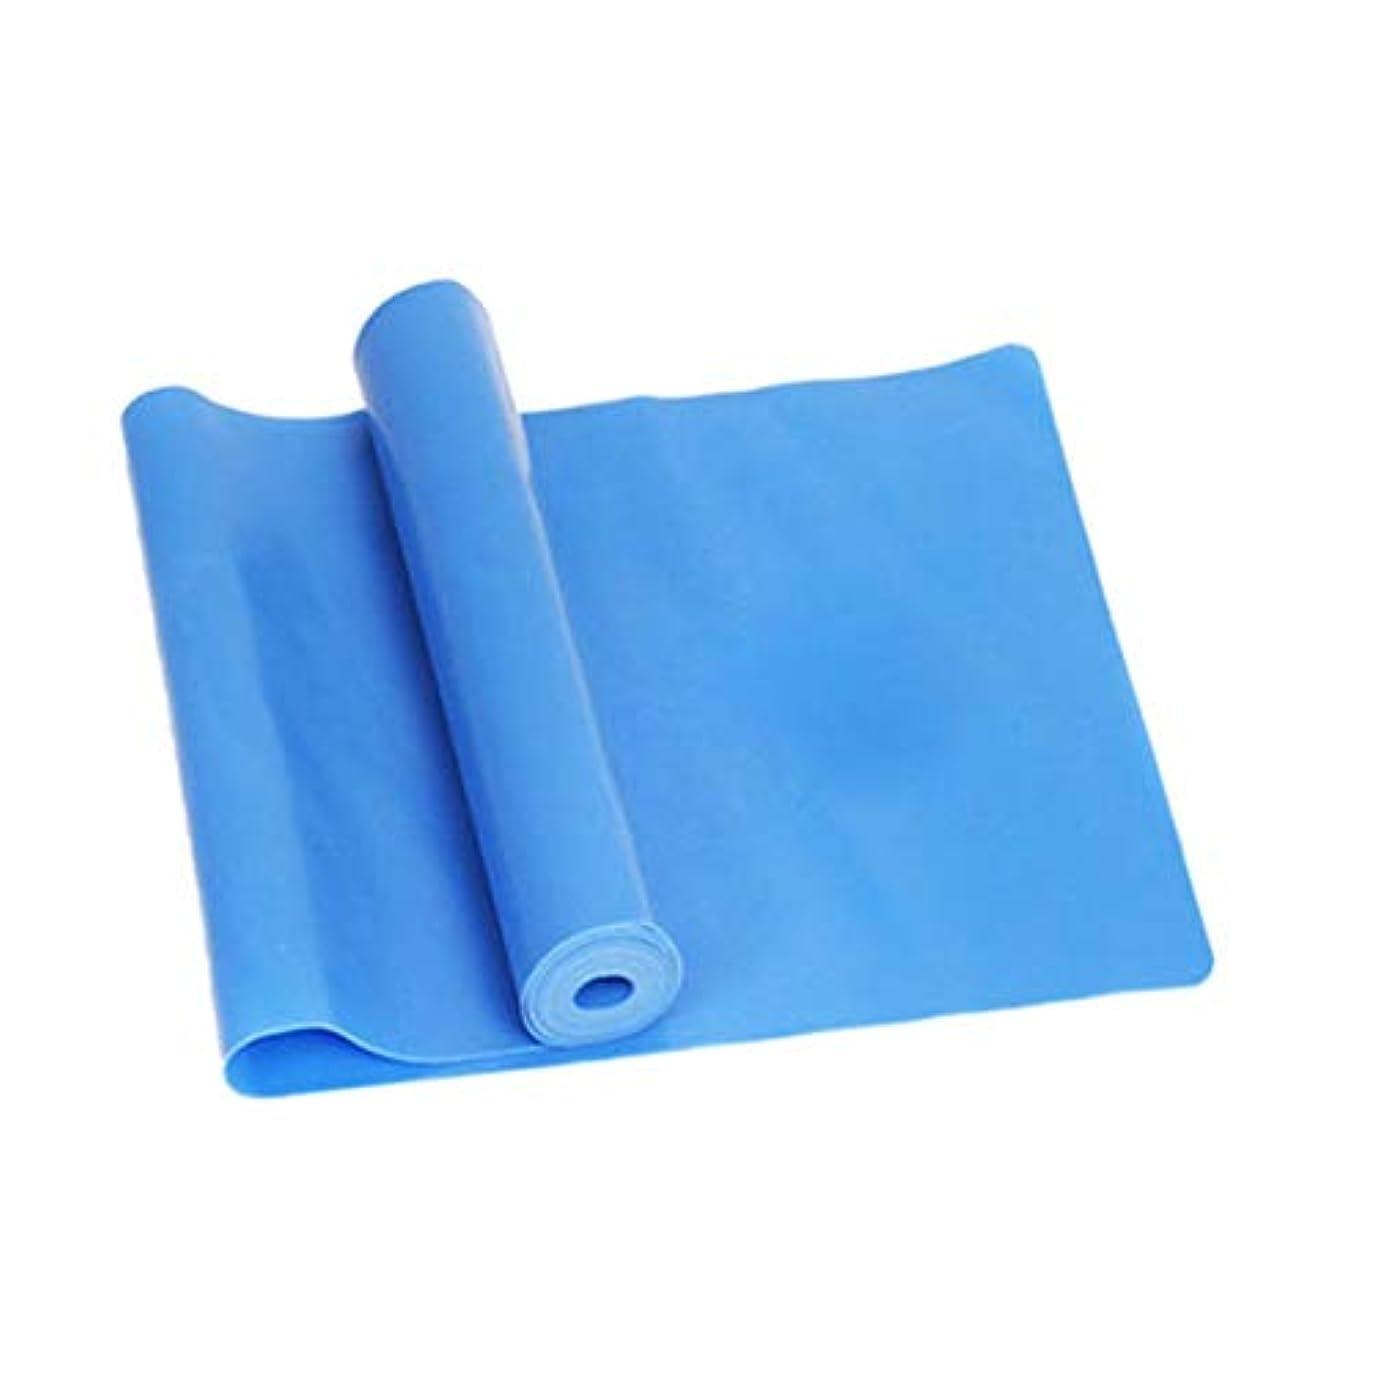 罹患率疲労照らすスポーツジムフィットネスヨガ用品筋力トレーニング弾性抵抗バンドトレーニングヨガゴムループスポーツピラテスバンド - ブルー